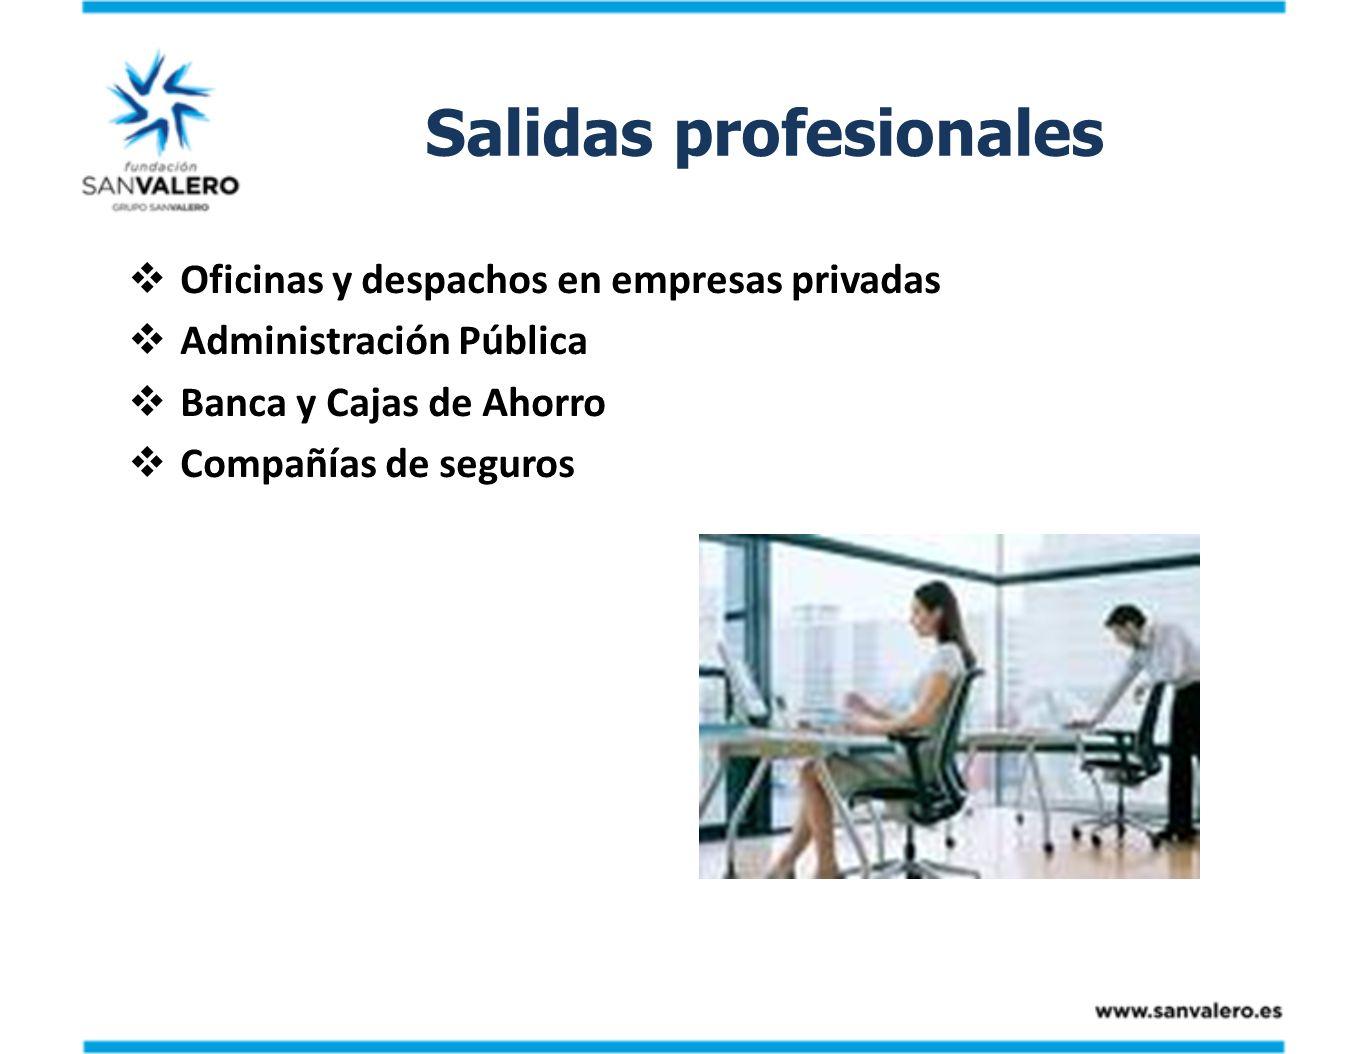 Salidas profesionales Oficinas y despachos en empresas privadas Administración Pública Banca y Cajas de Ahorro Compañías de seguros